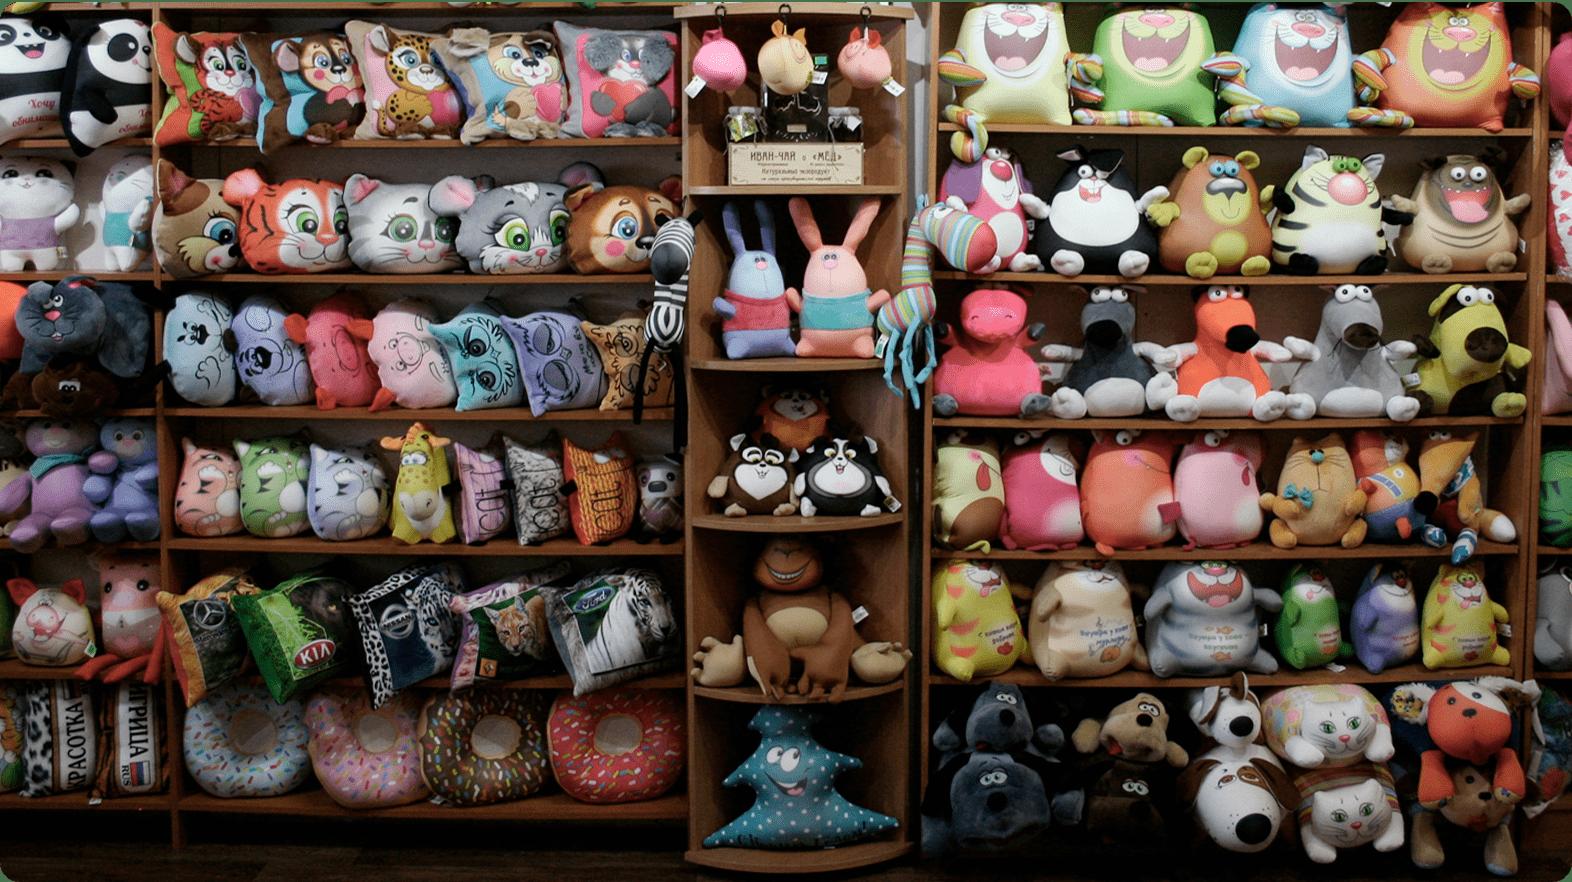 Будем рады видеть вас на нашем складе-магазине, где постоянно в наличии большой выбор игрушек-антистресс и релакс-подушек. Заказать мягкие игрушки оптом можно прямо на месте.